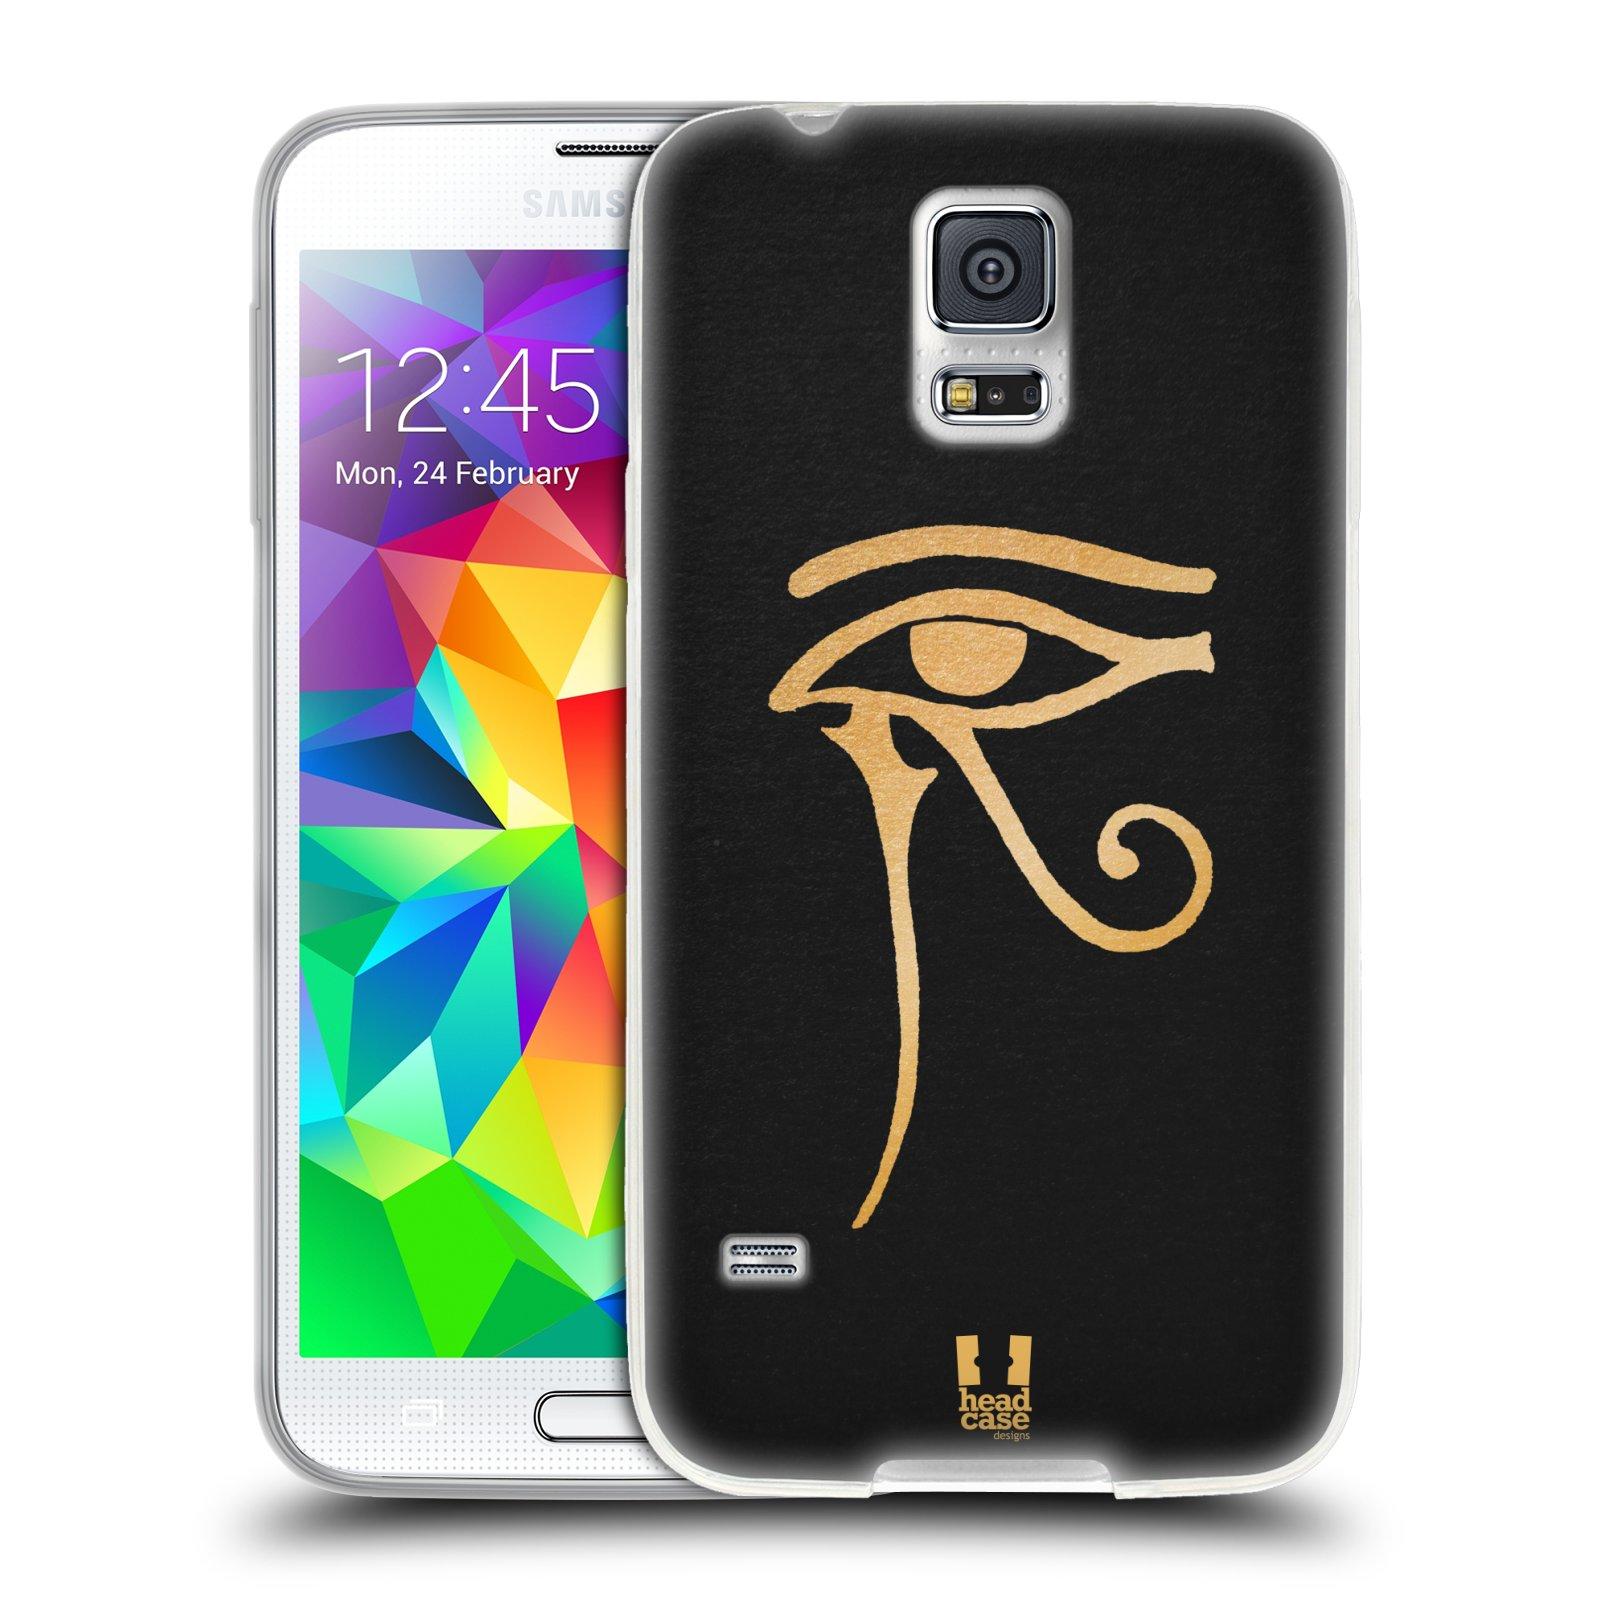 Silikonové pouzdro na mobil Samsung Galaxy S5 HEAD CASE EGYPT OKO BOHA RA (Silikonový kryt či obal na mobilní telefon Samsung Galaxy S5 SM-G900F)